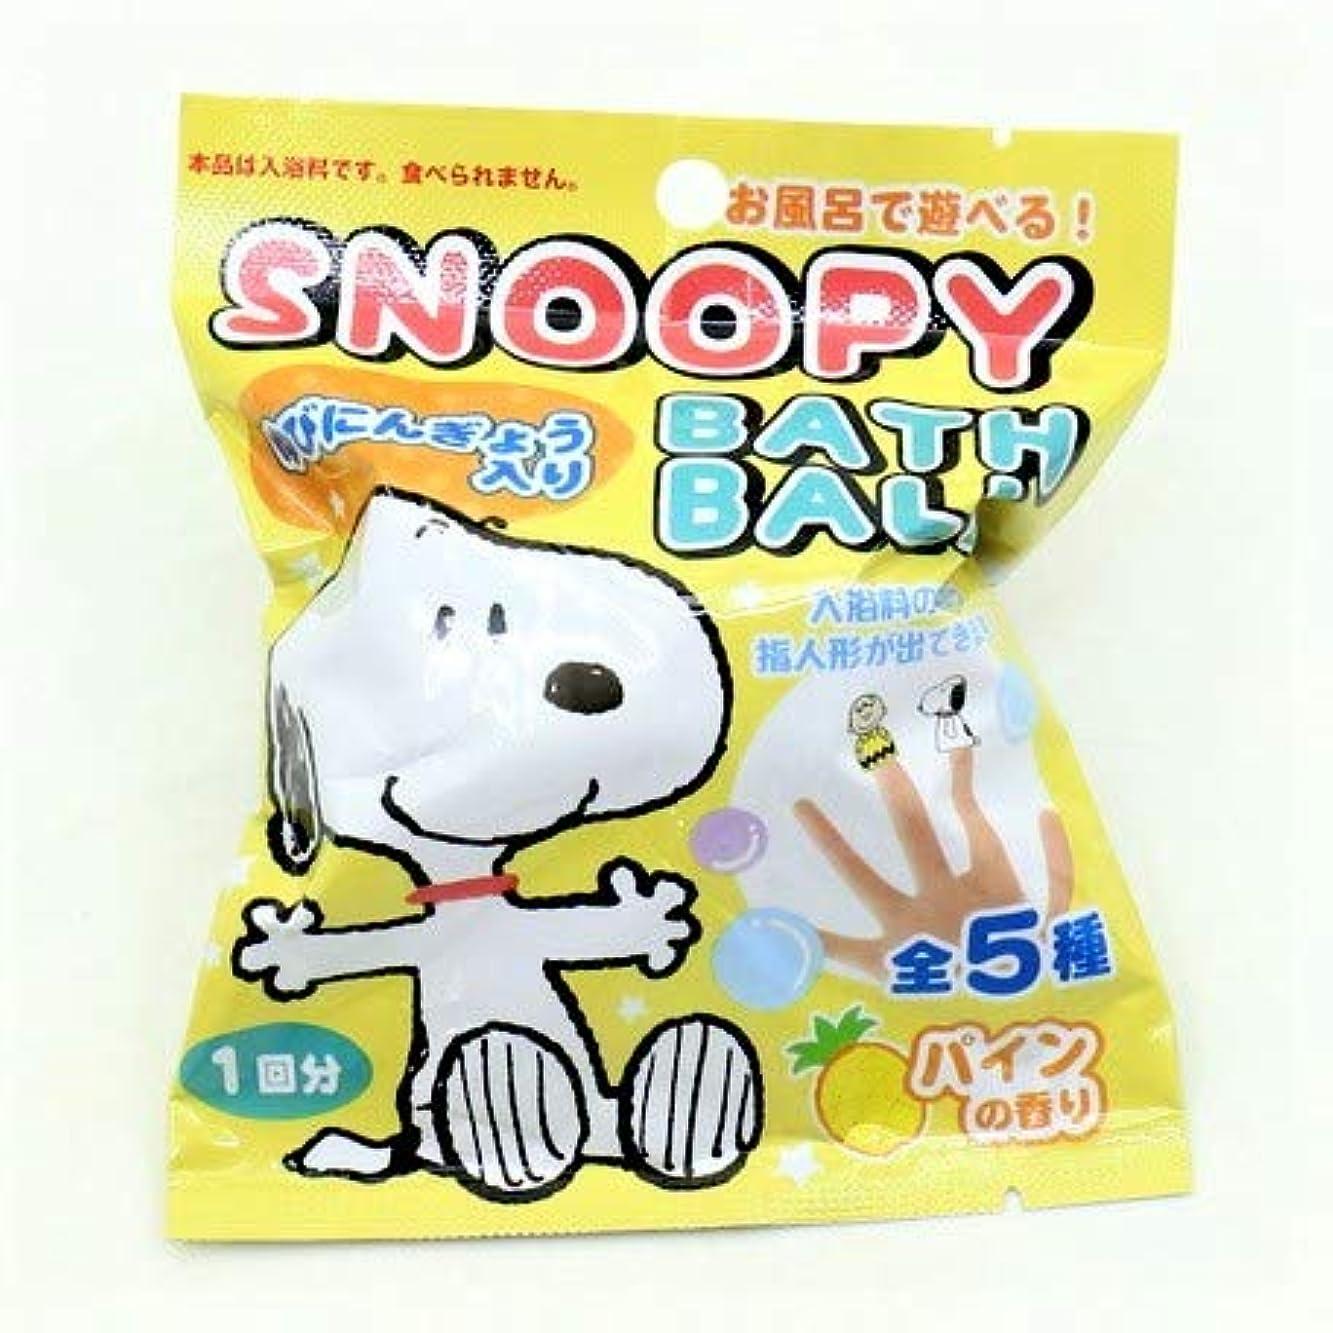 平凡深さシュガースヌーピー バスボール 入浴剤 パインの香り 6個1セット 指人形 Snoopy